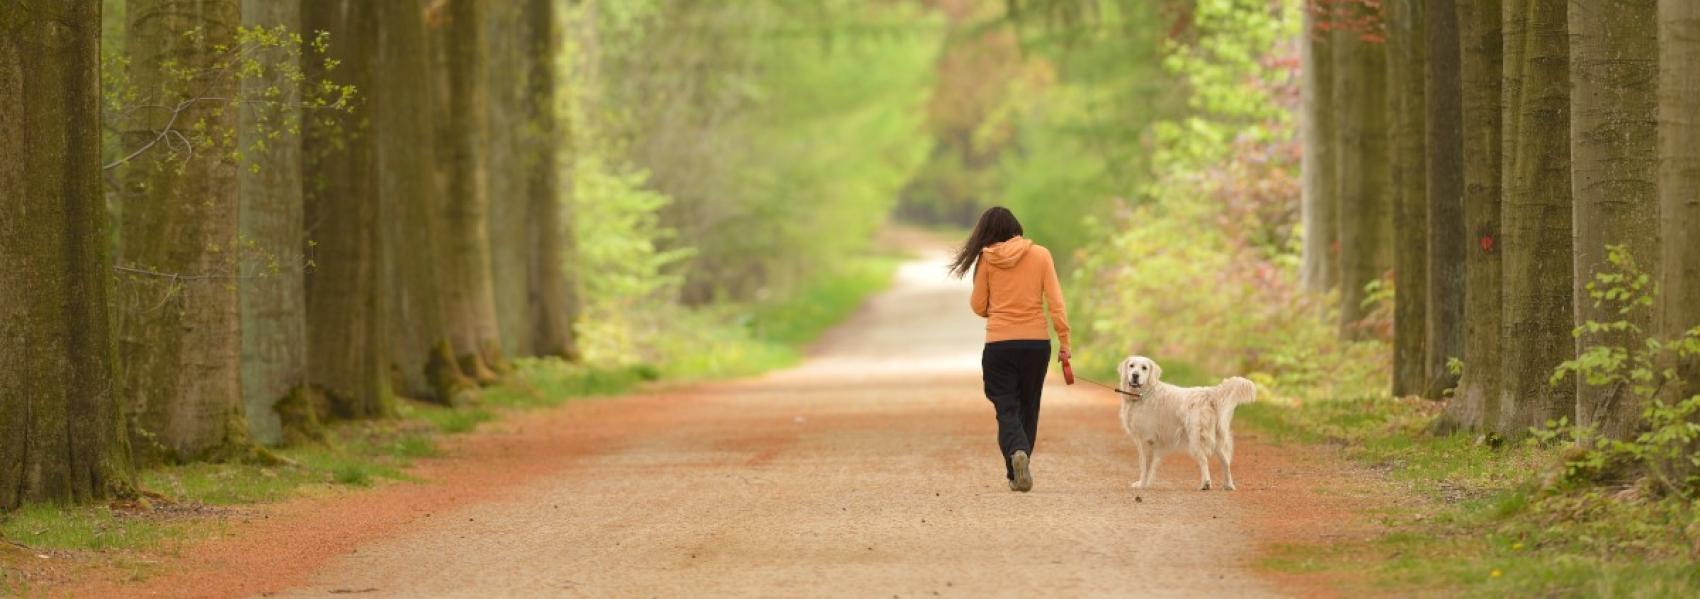 wandelaar met hond in een dreef